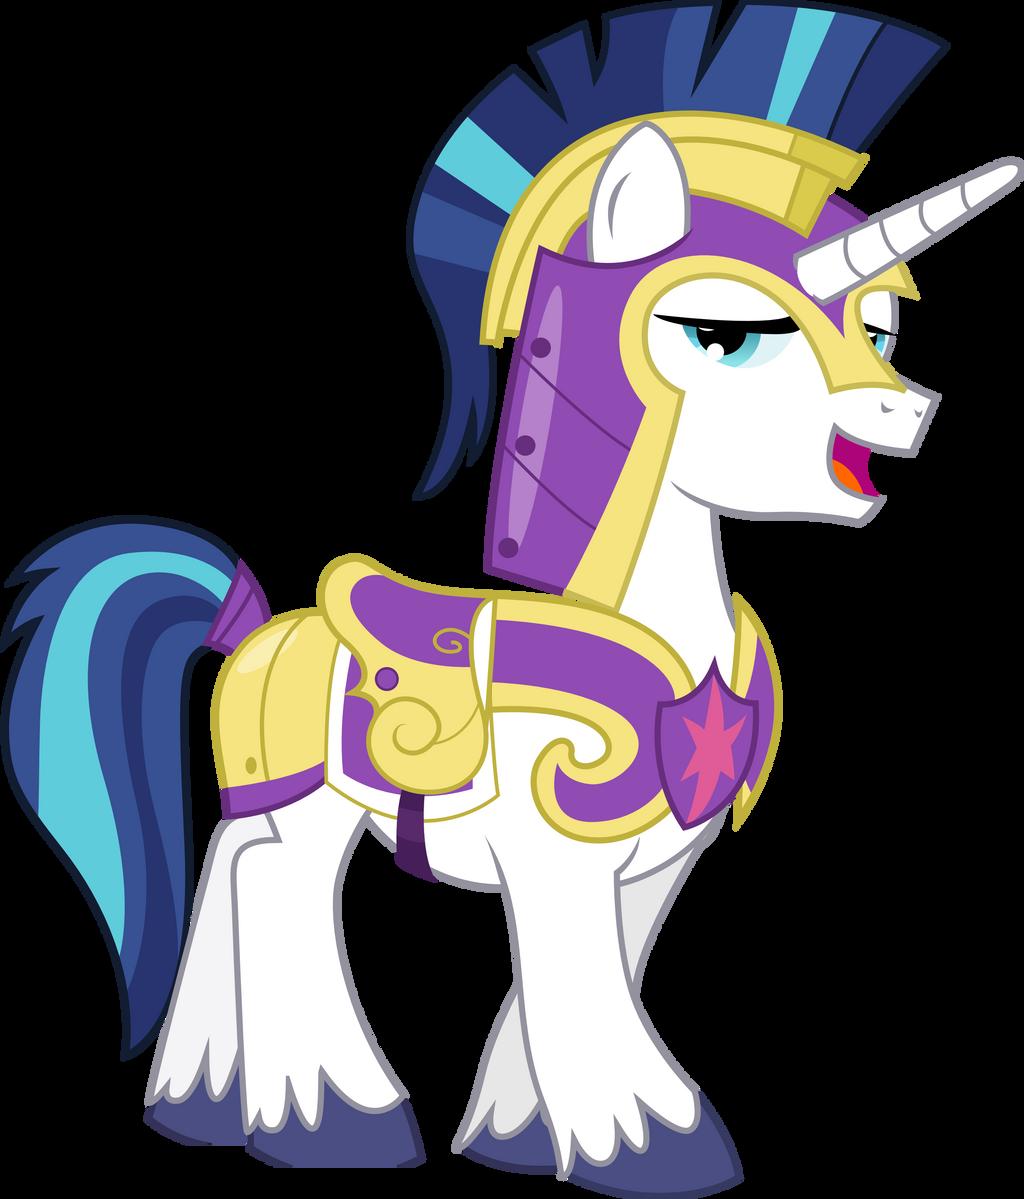 My little pony by snahbrandy 9